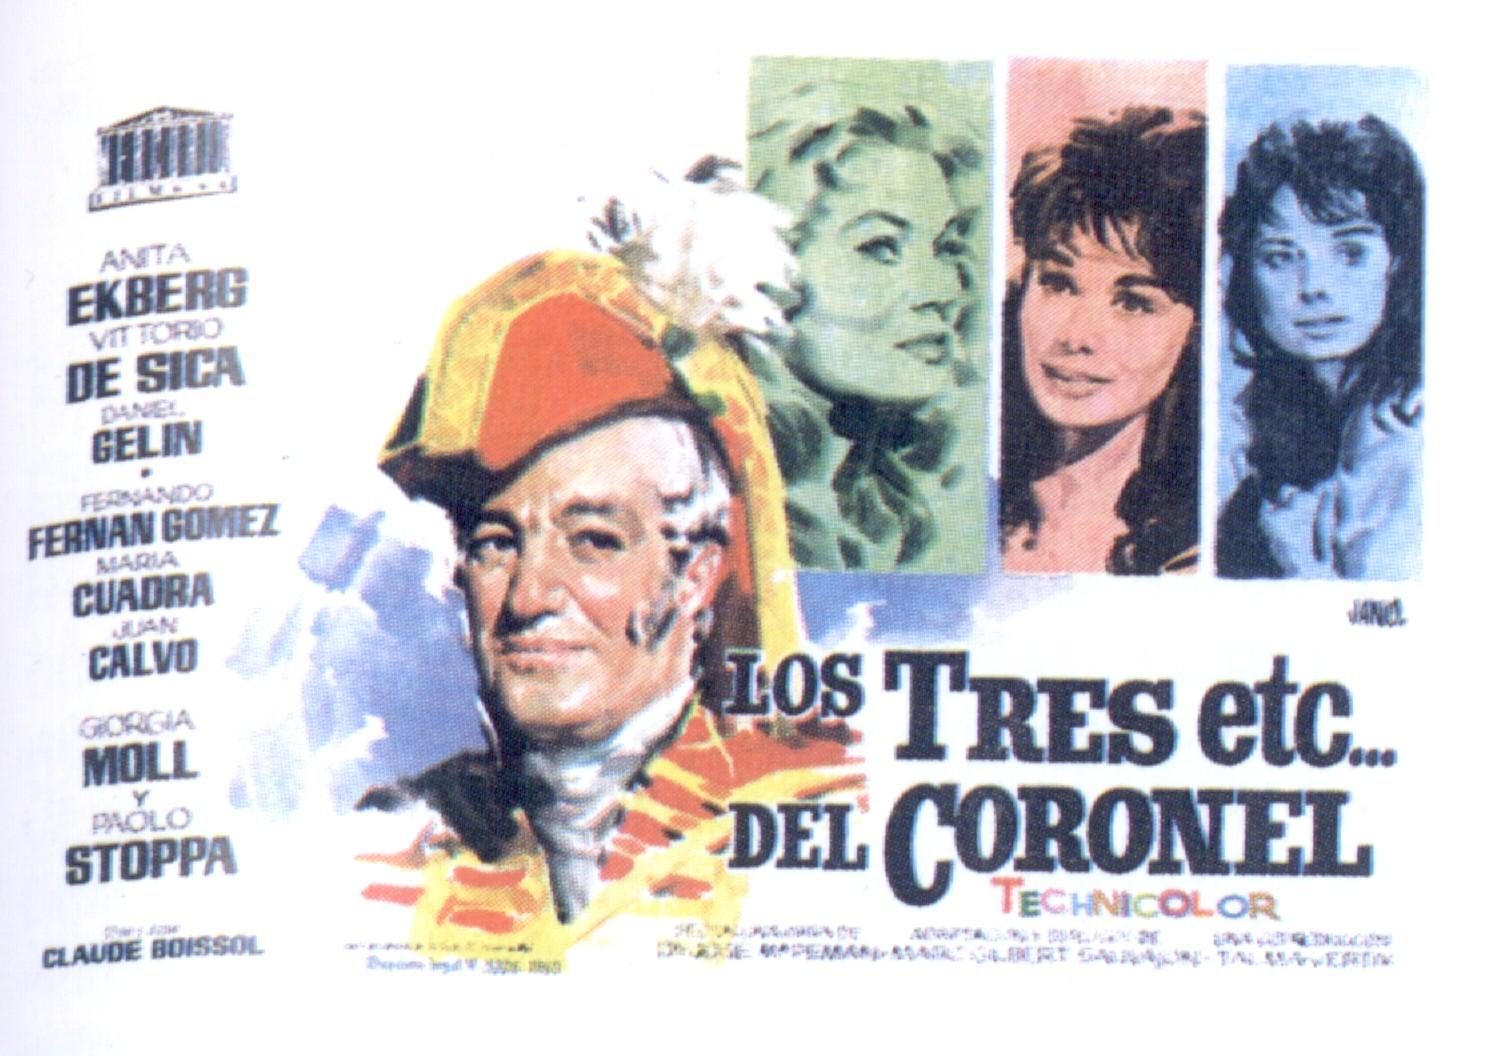 Cartel de Los 3 etc del Coronel en castellano